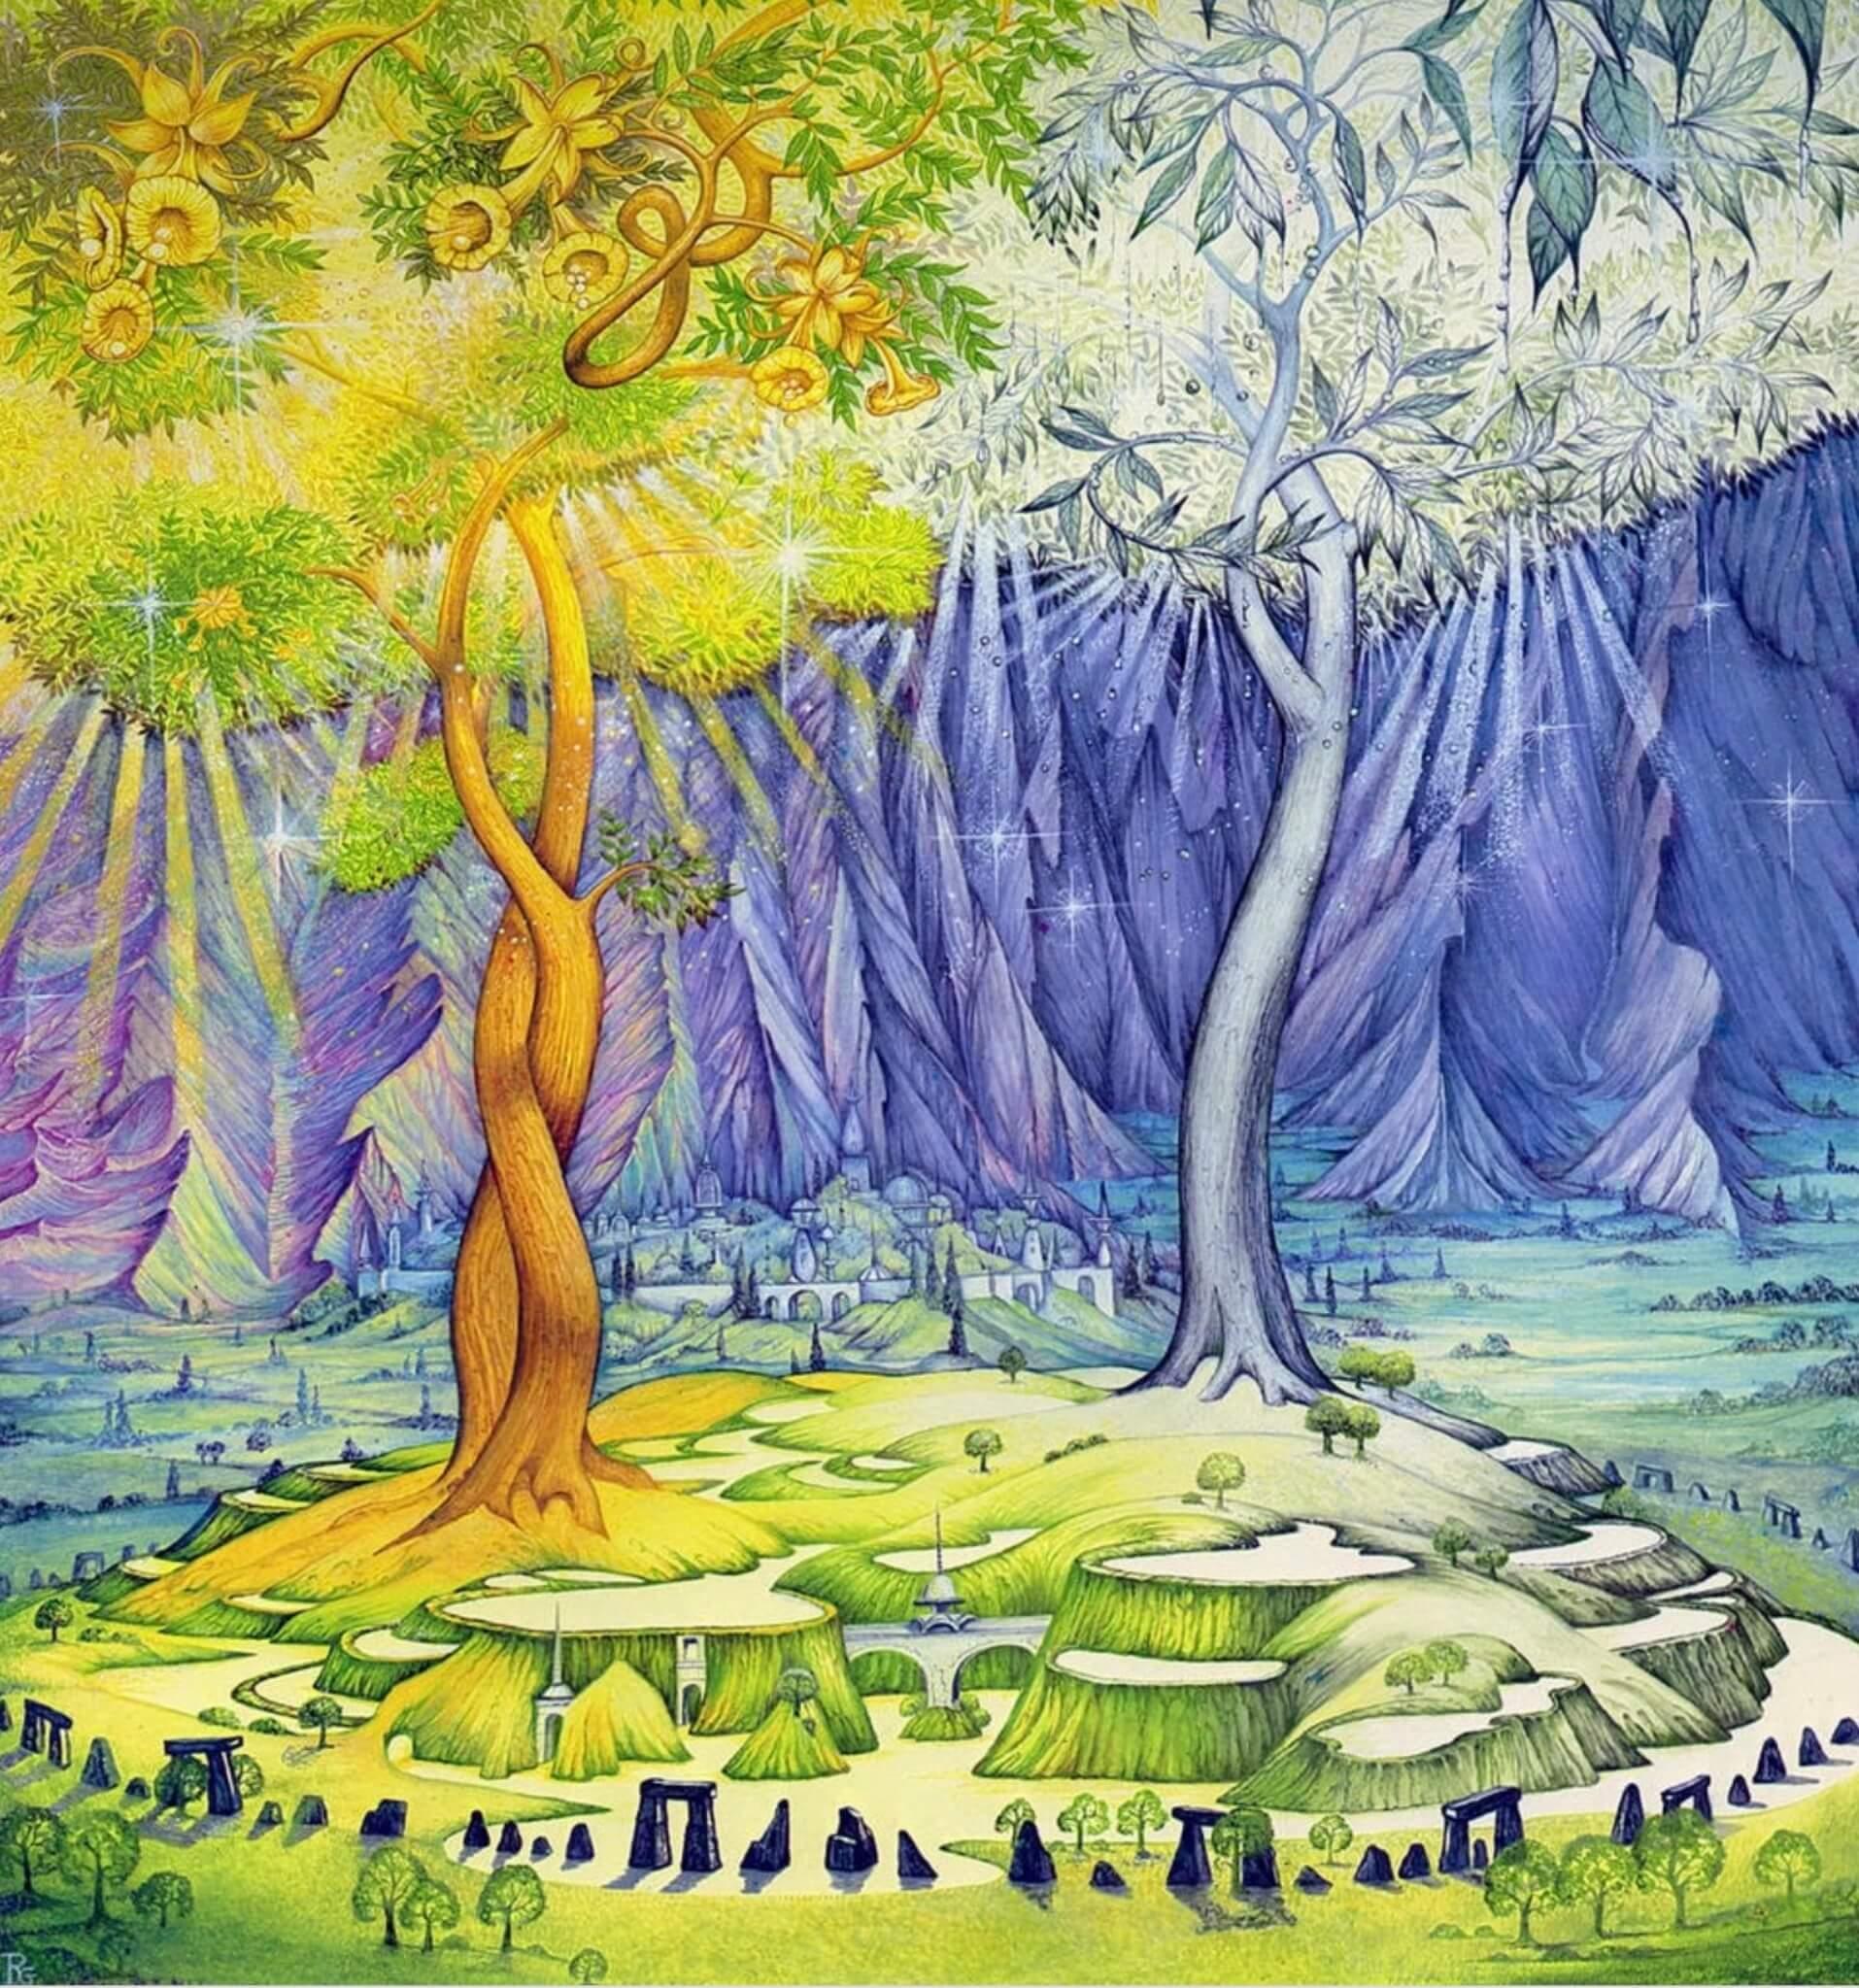 陶更神話中的兩棵金樹、銀樹。後遭妖魔毀掉。銀樹的最後一片葉化作月亮,金樹最後的果子化作太陽。